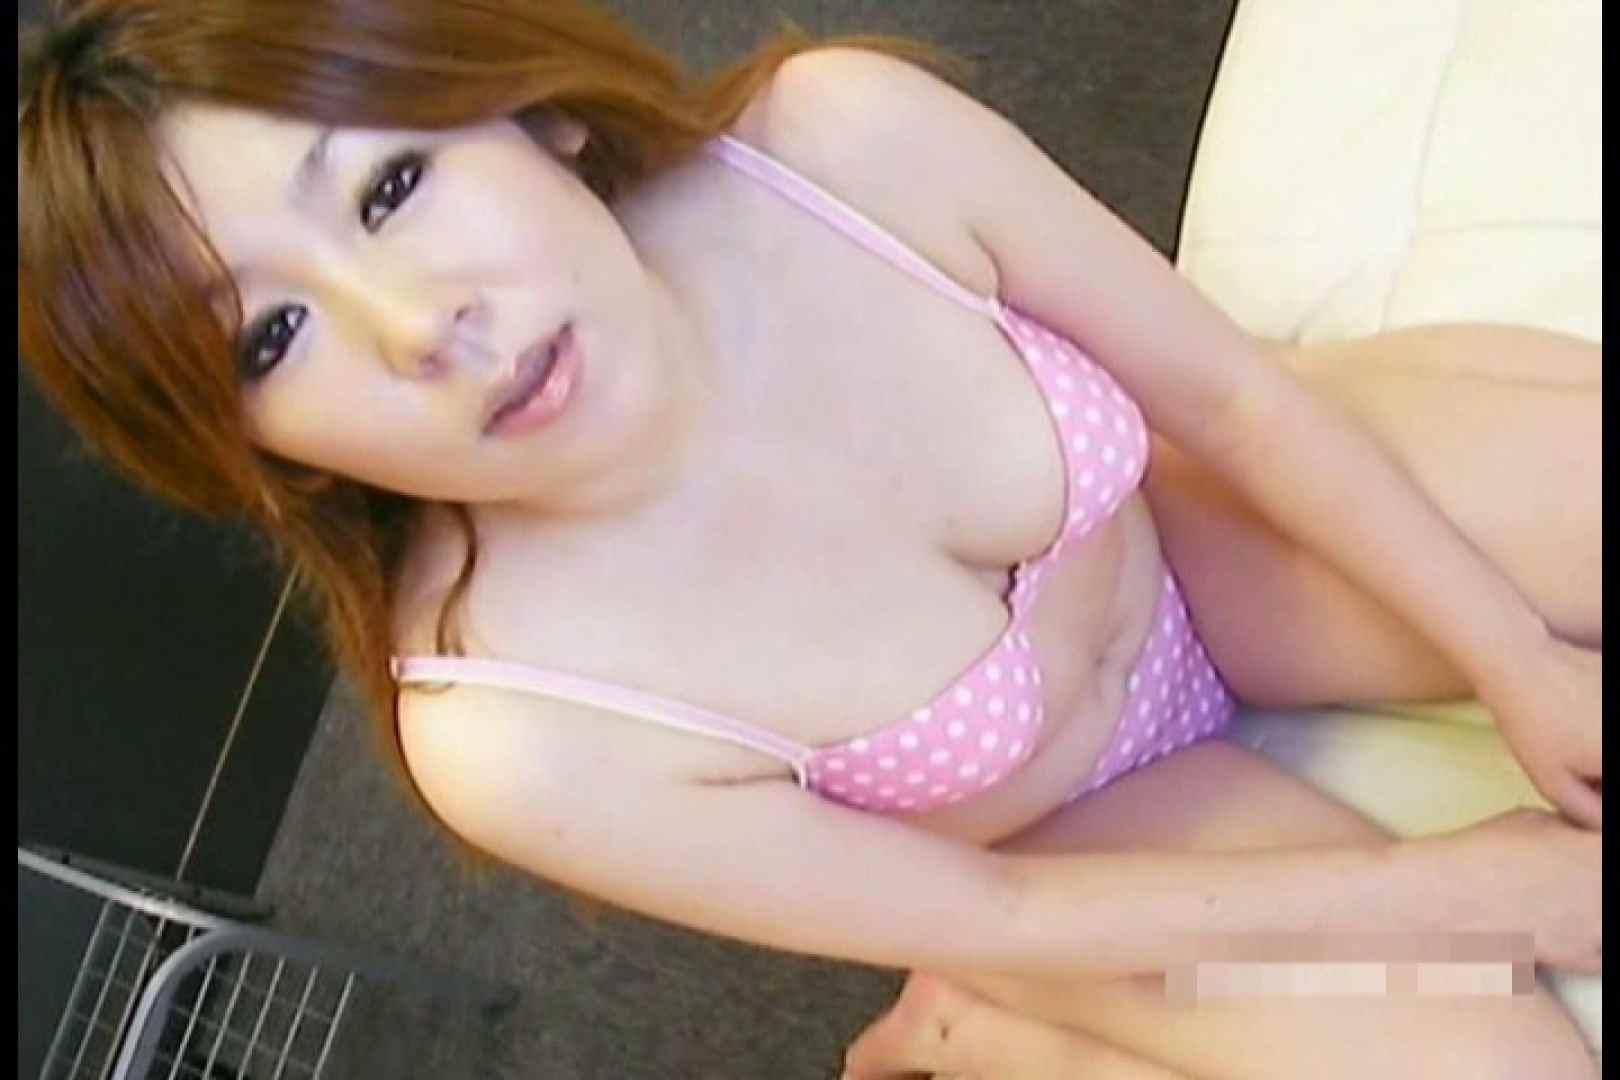 素人撮影 下着だけの撮影のはずが・・・さなえ25歳 素人丸裸  106pic 56